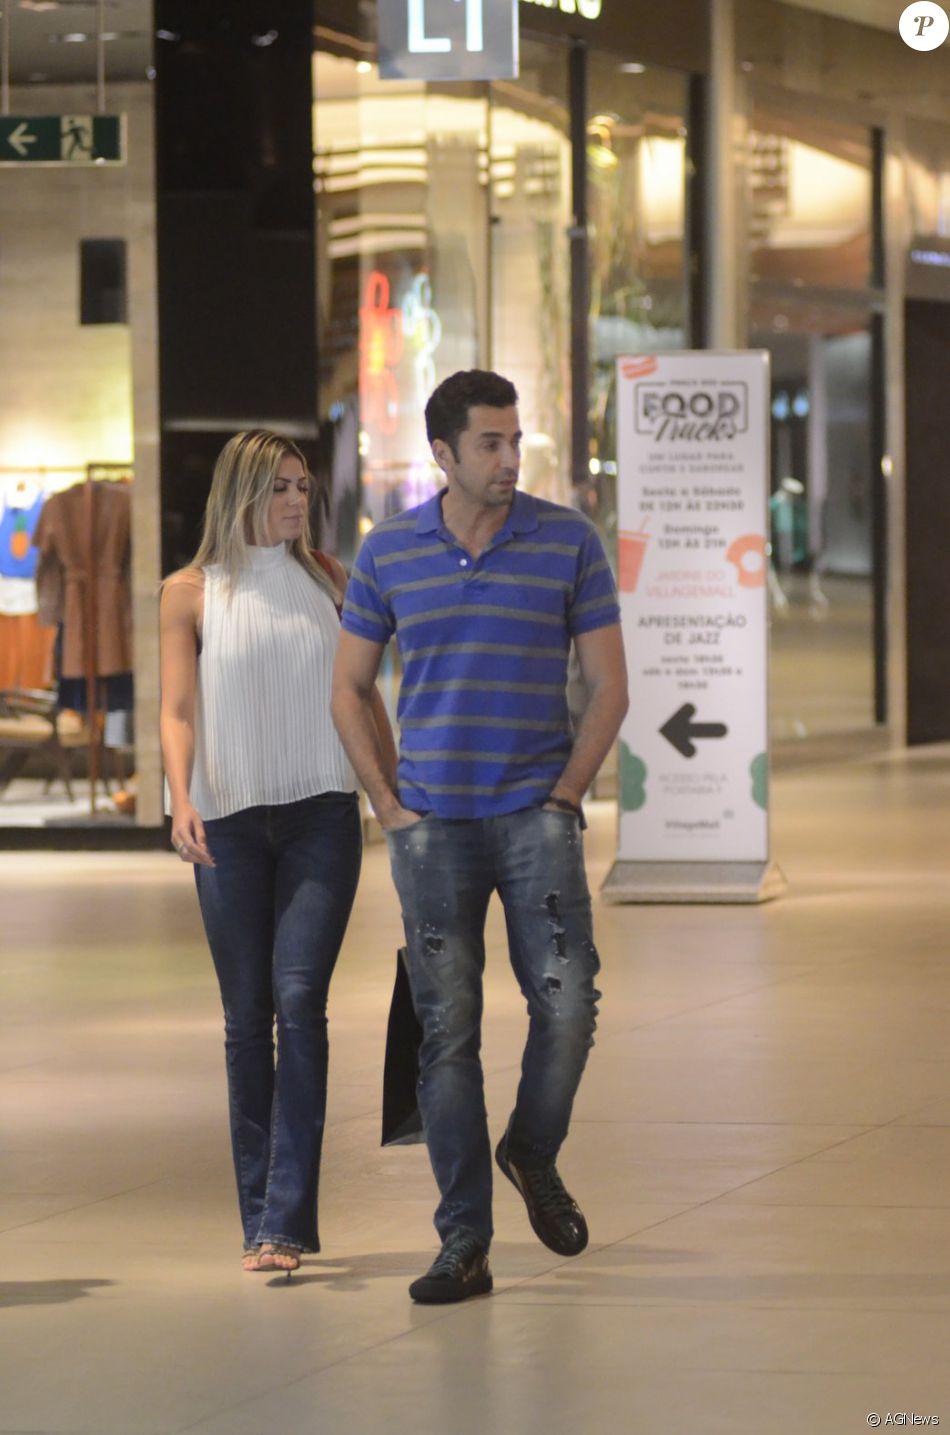 Latino e a namorada, Fabi Araújo, passearam em um shopping na Zona Oeste do Rio de Janeiro na noite de sexta-feira, 8 de julho de 2016